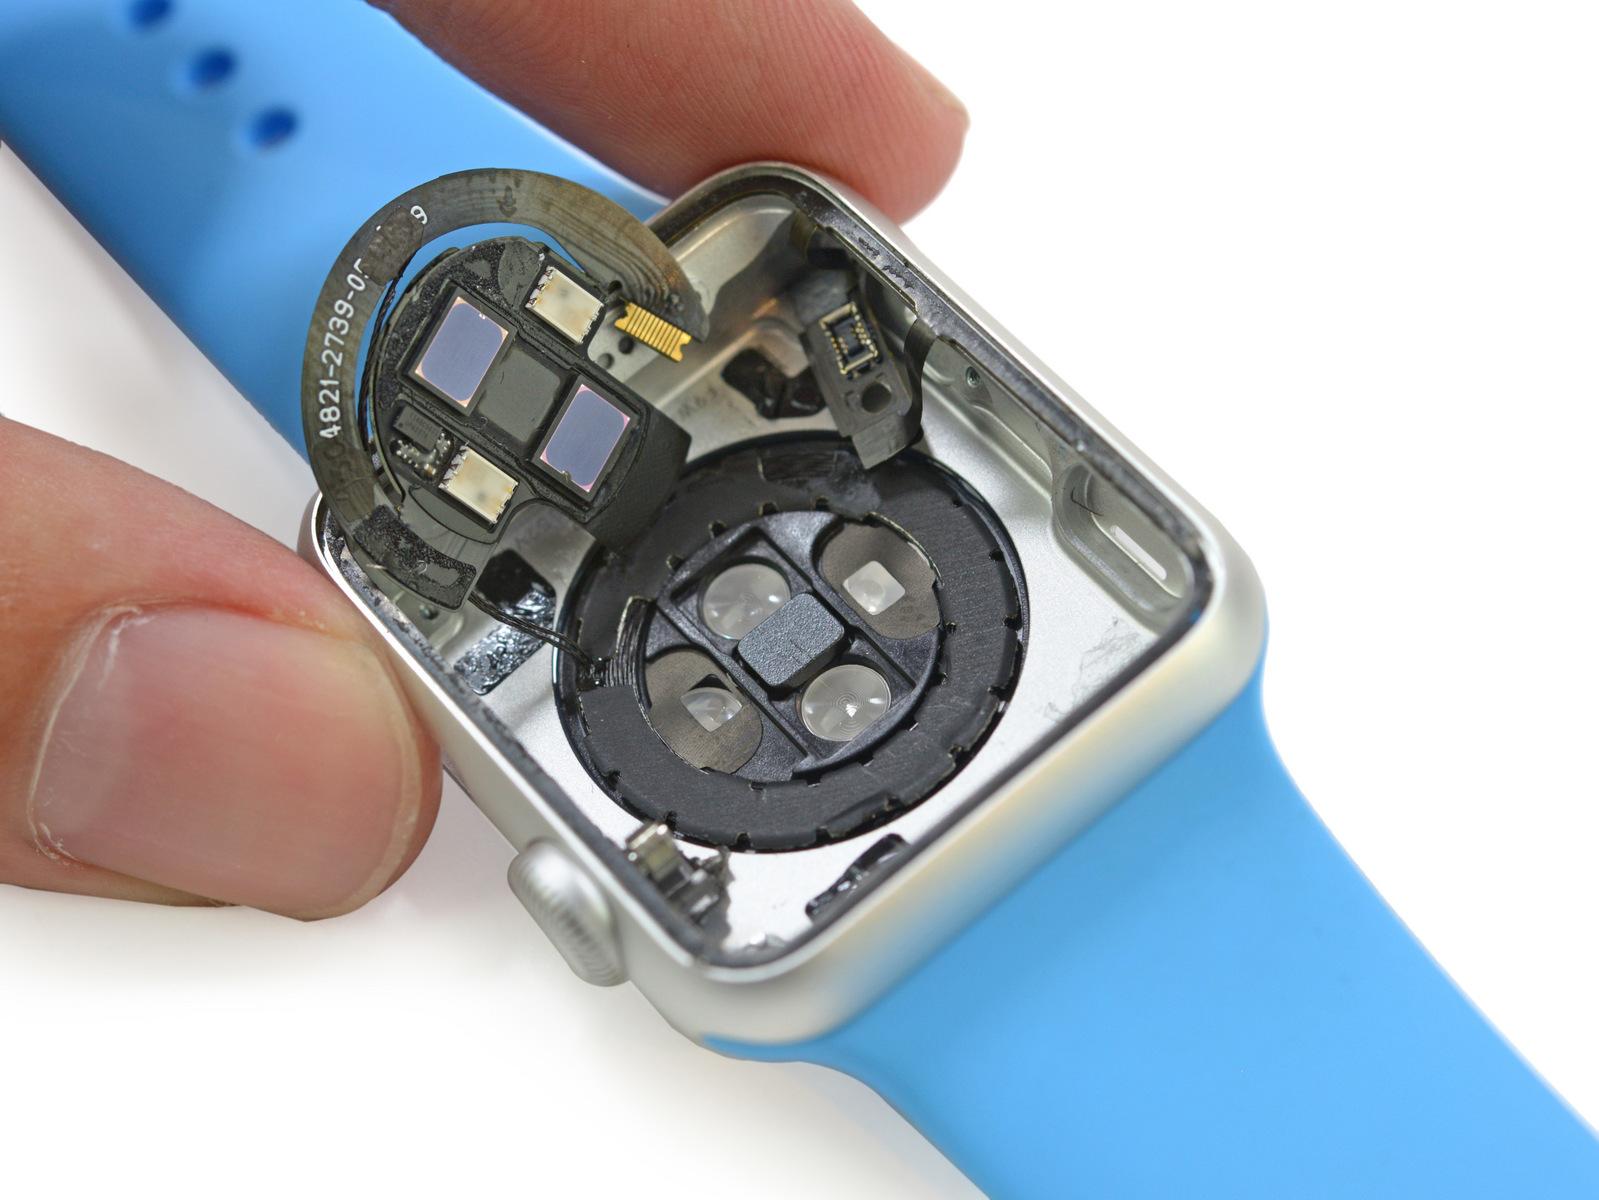 Il segreto di Apple Watch: può rilevare l'ossigeno nel sangue